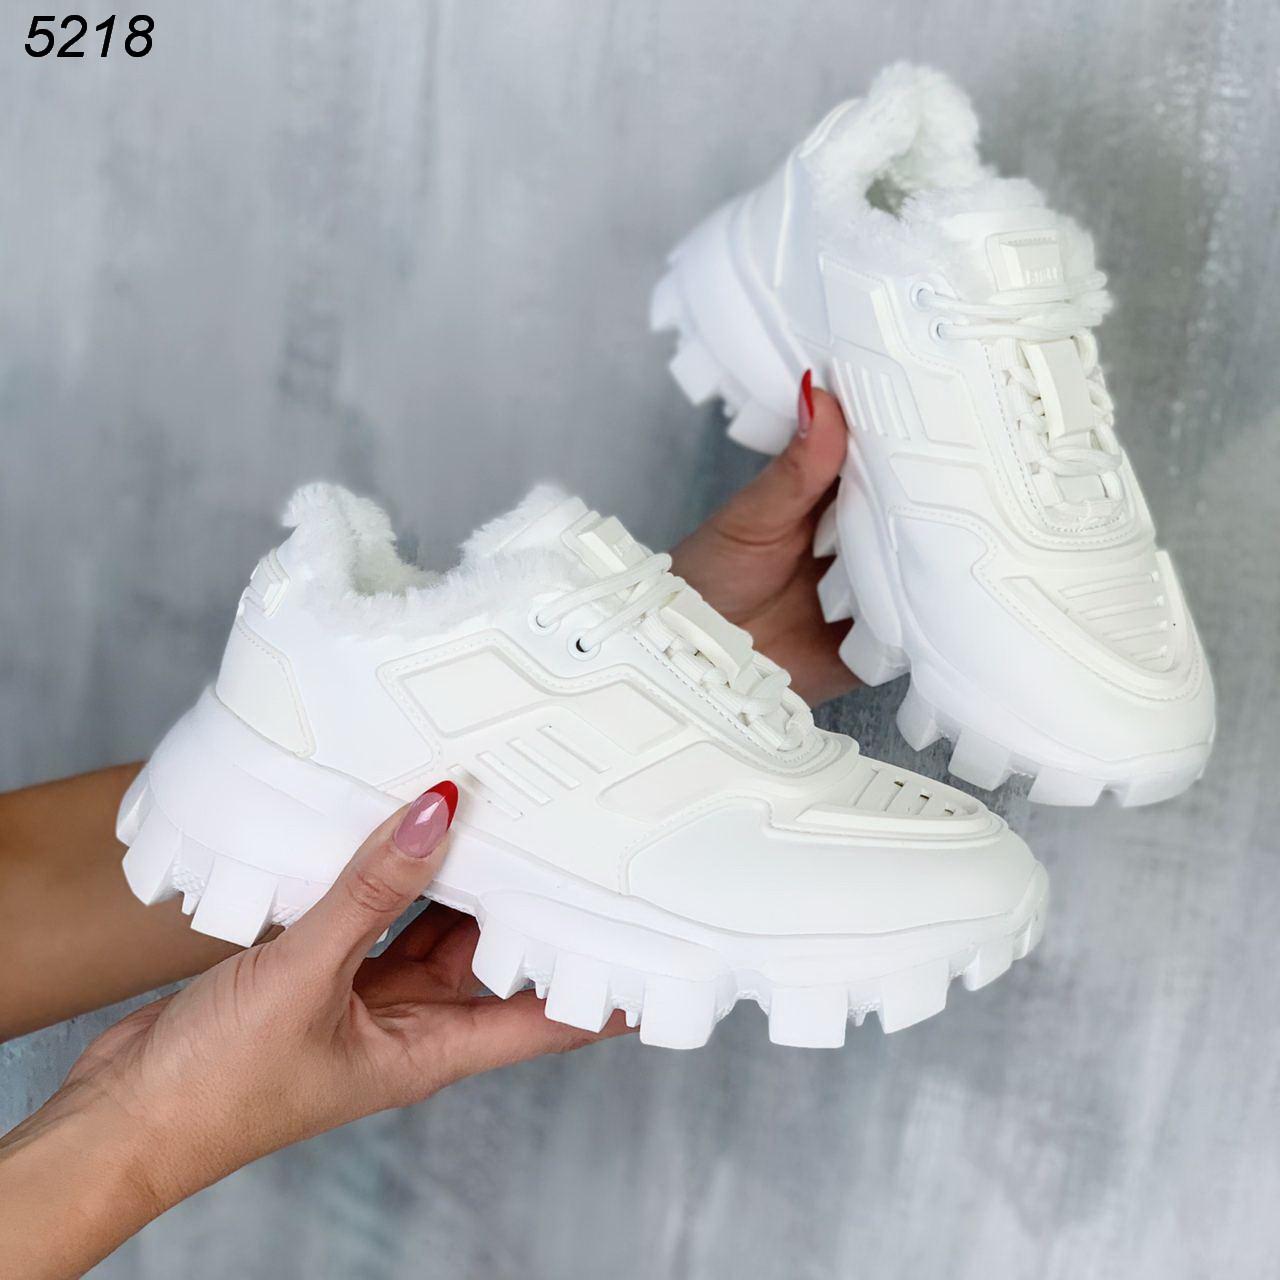 Кроссовки женские белые Зима 5218